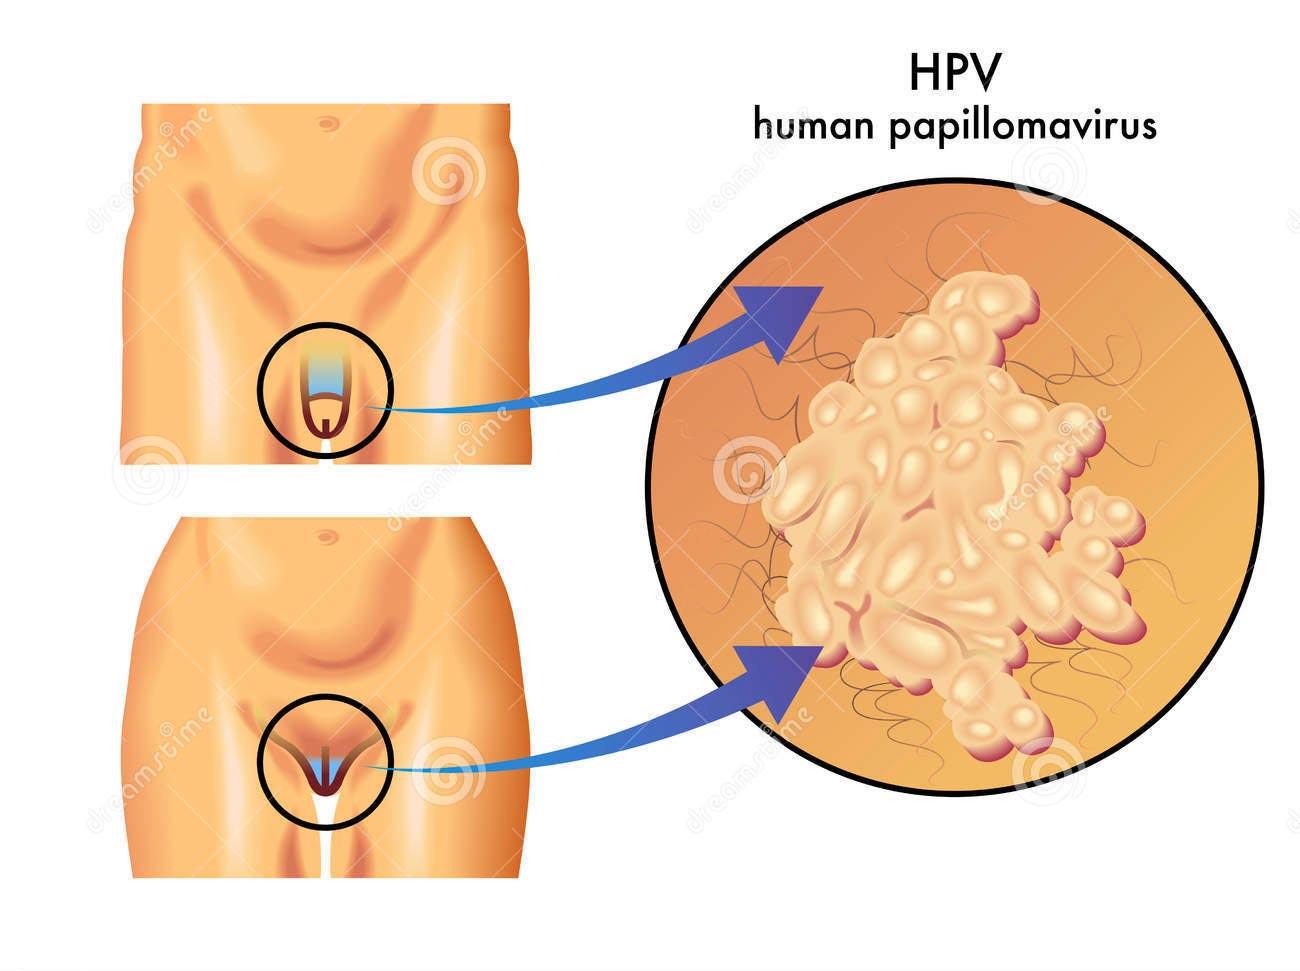 Hpv trasmissione all uomo. Cura delle infezioni da HPV, condilomatosi, nell'uomo hpv cure found